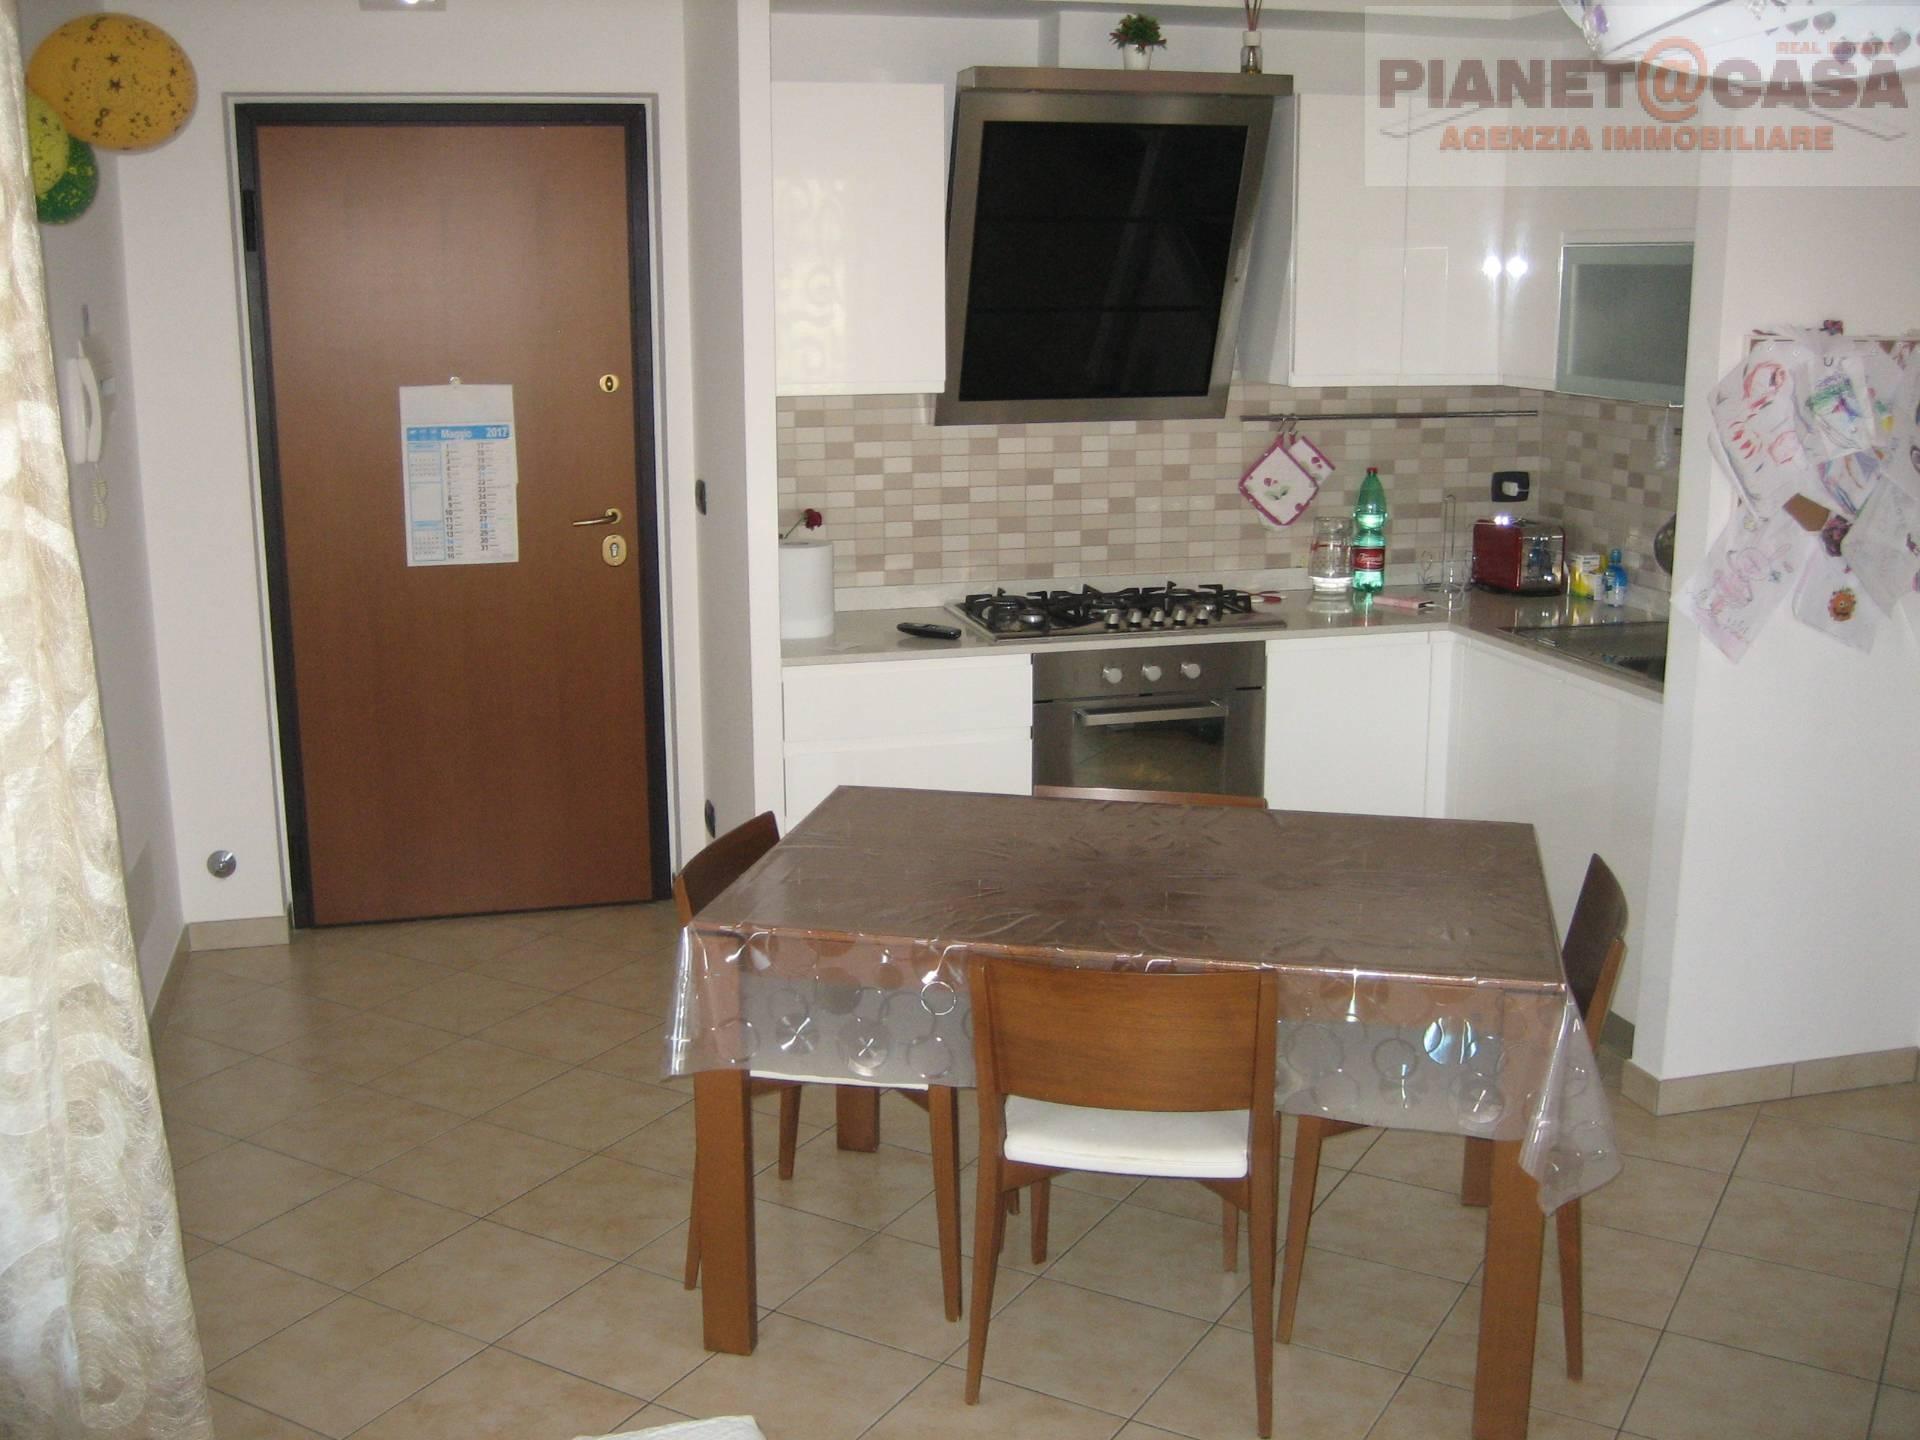 Appartamento in vendita a Acquaviva Picena, 3 locali, prezzo € 140.000 | CambioCasa.it